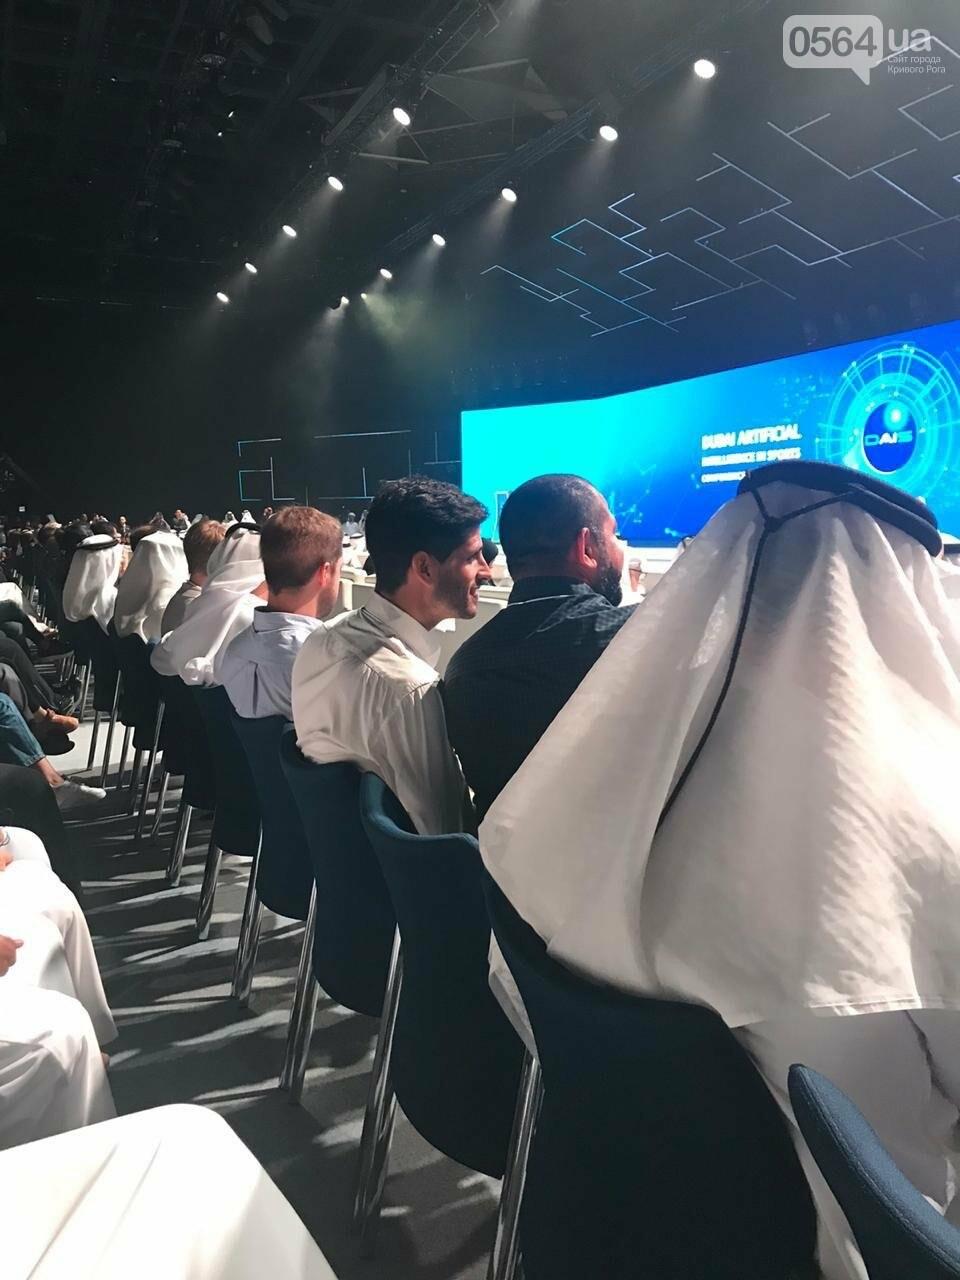 Впервые криворожанин выступил в Дубае с докладом на Конференции по использованию ИИ в спорте, - ФОТО, фото-5